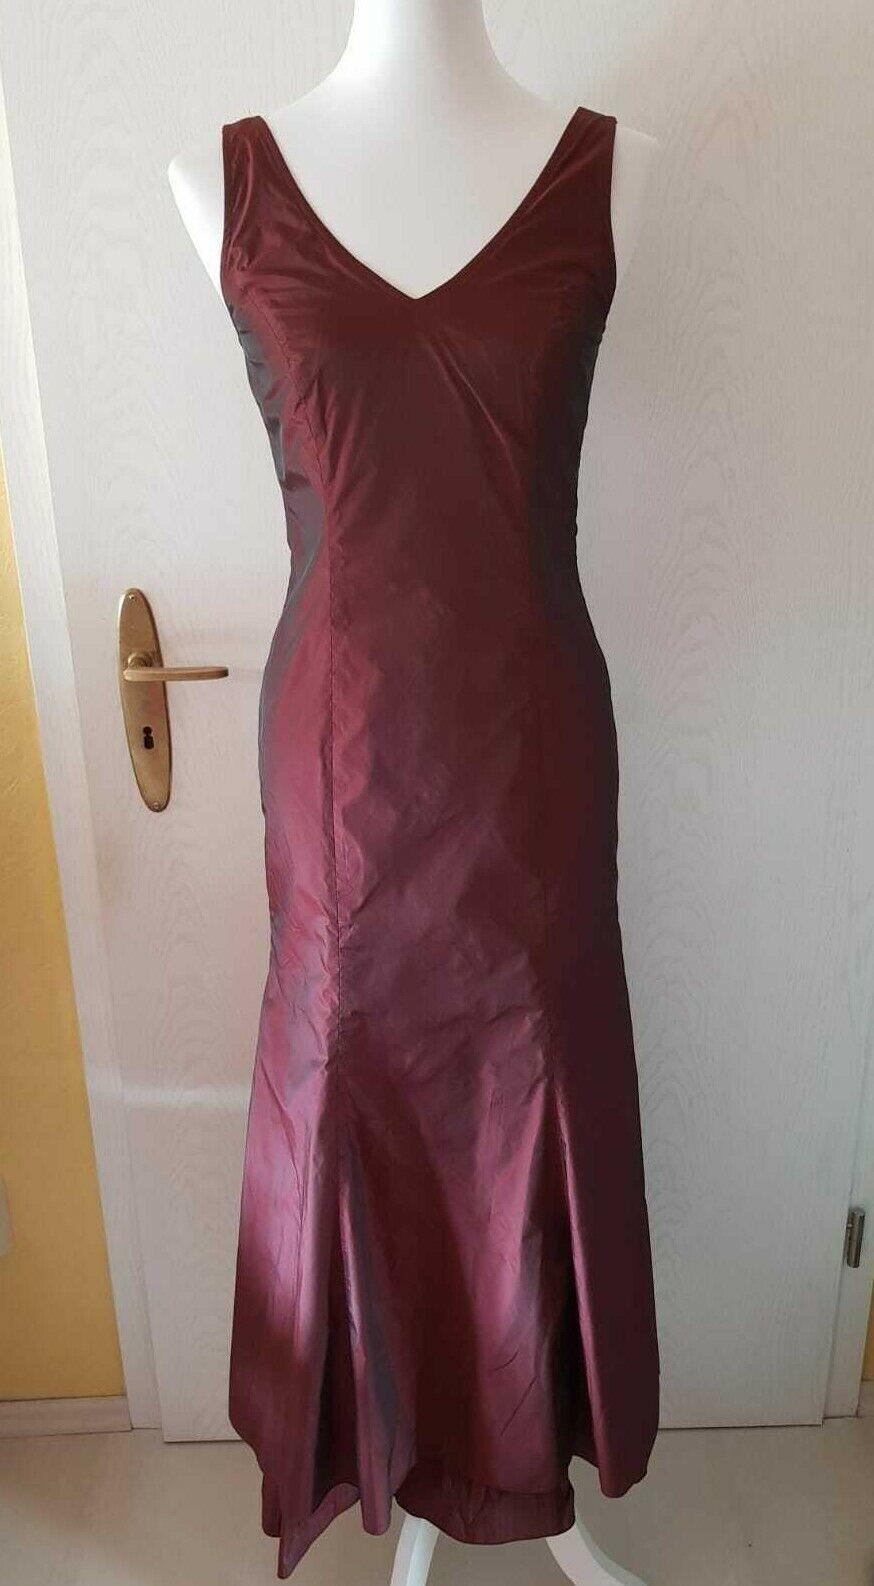 Kleid dunkelrot weinrot lang abendkleid festkleid größe 34 neu meerjungfrau